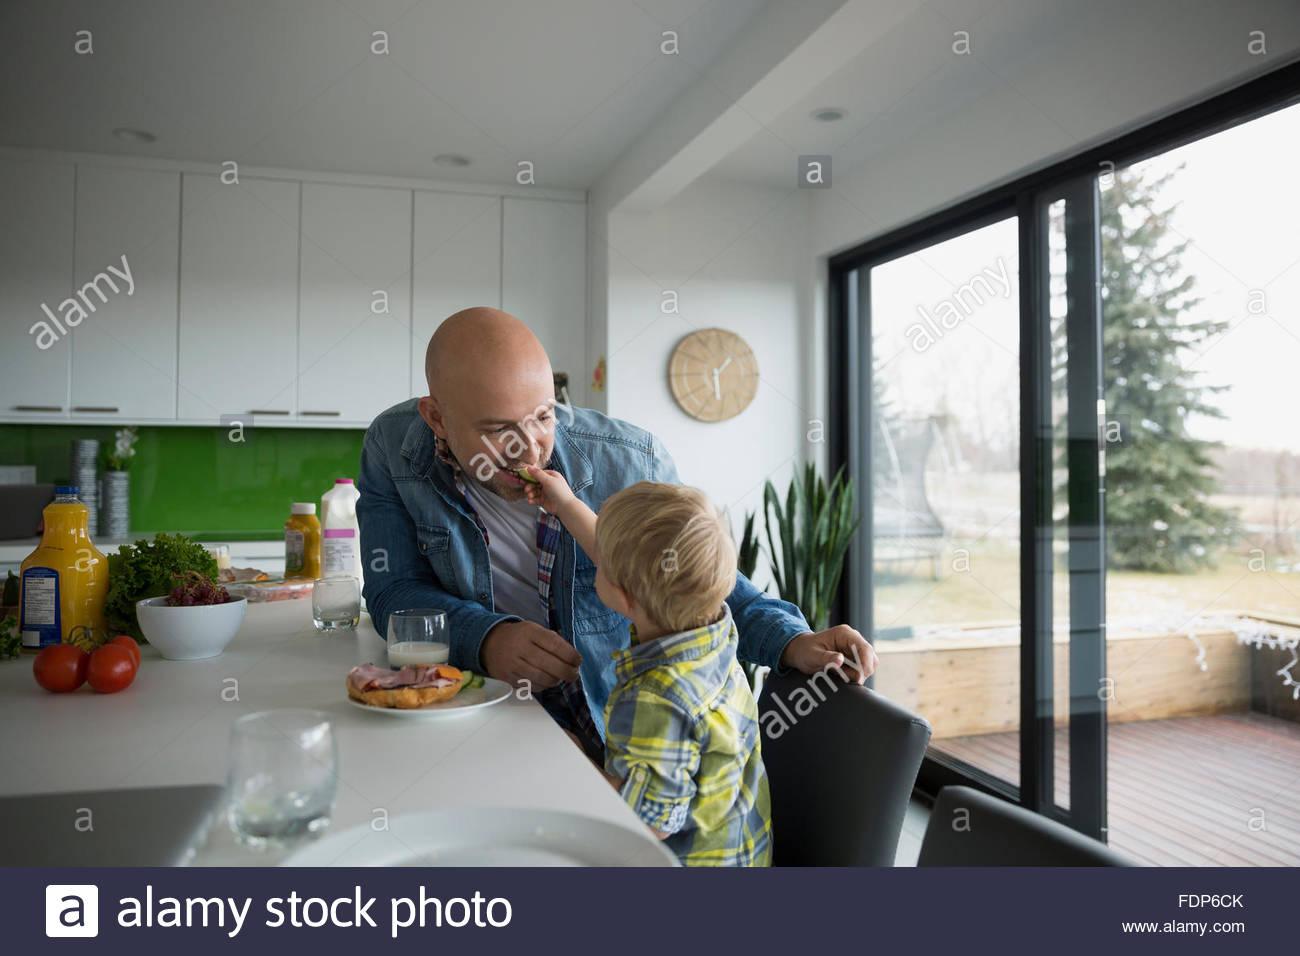 Niño de padre en isla de cocina, alimentación Imagen De Stock